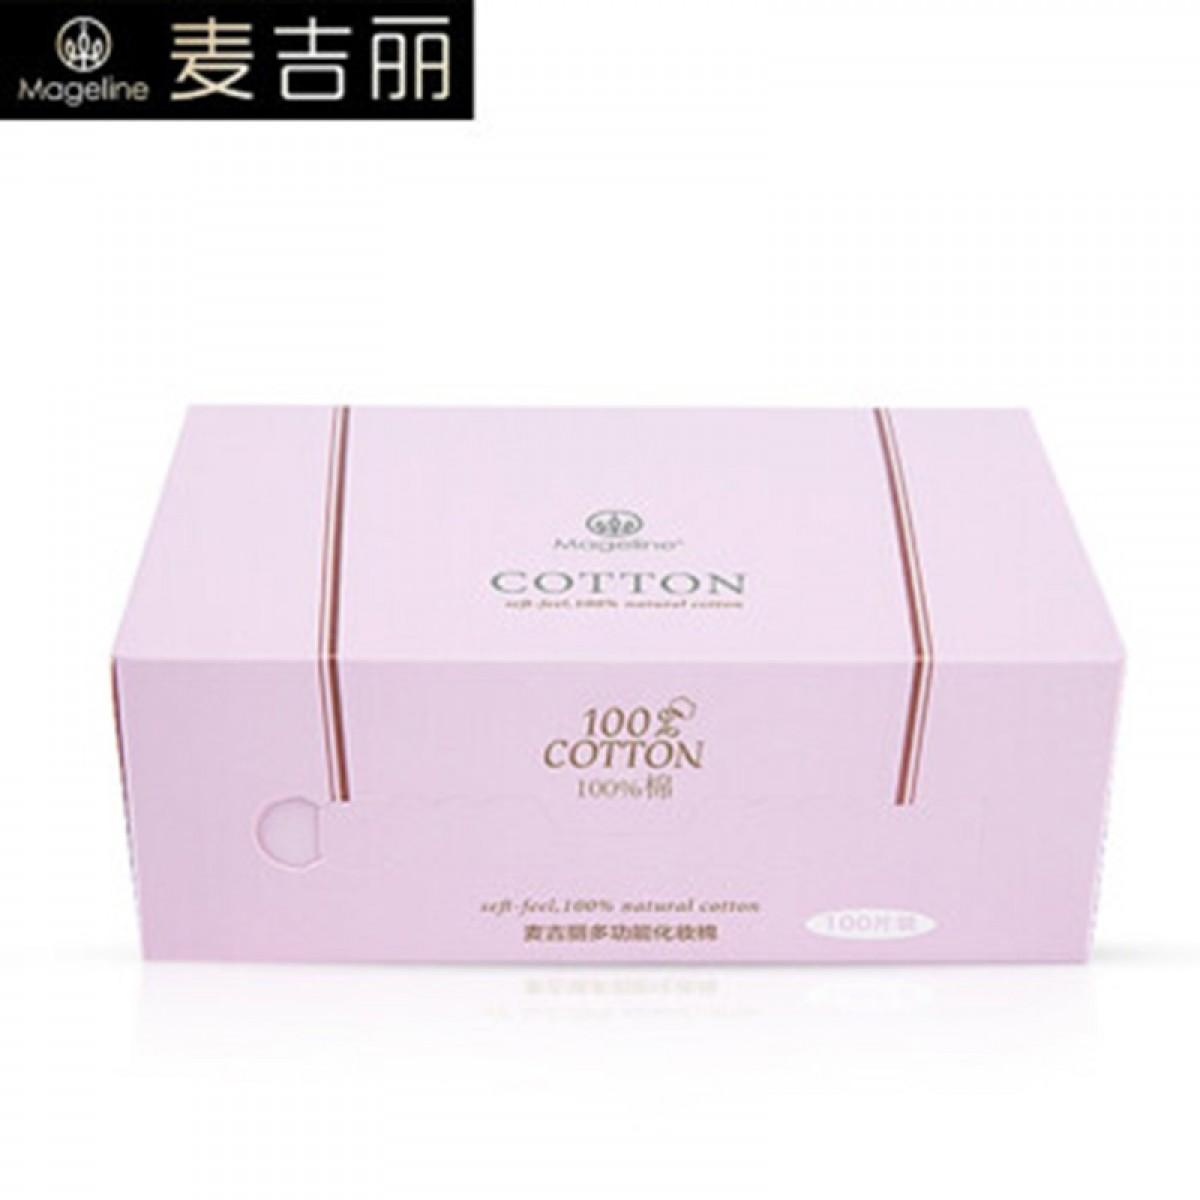 麦吉丽(Mageline) 多功能化妆棉 100片/盒